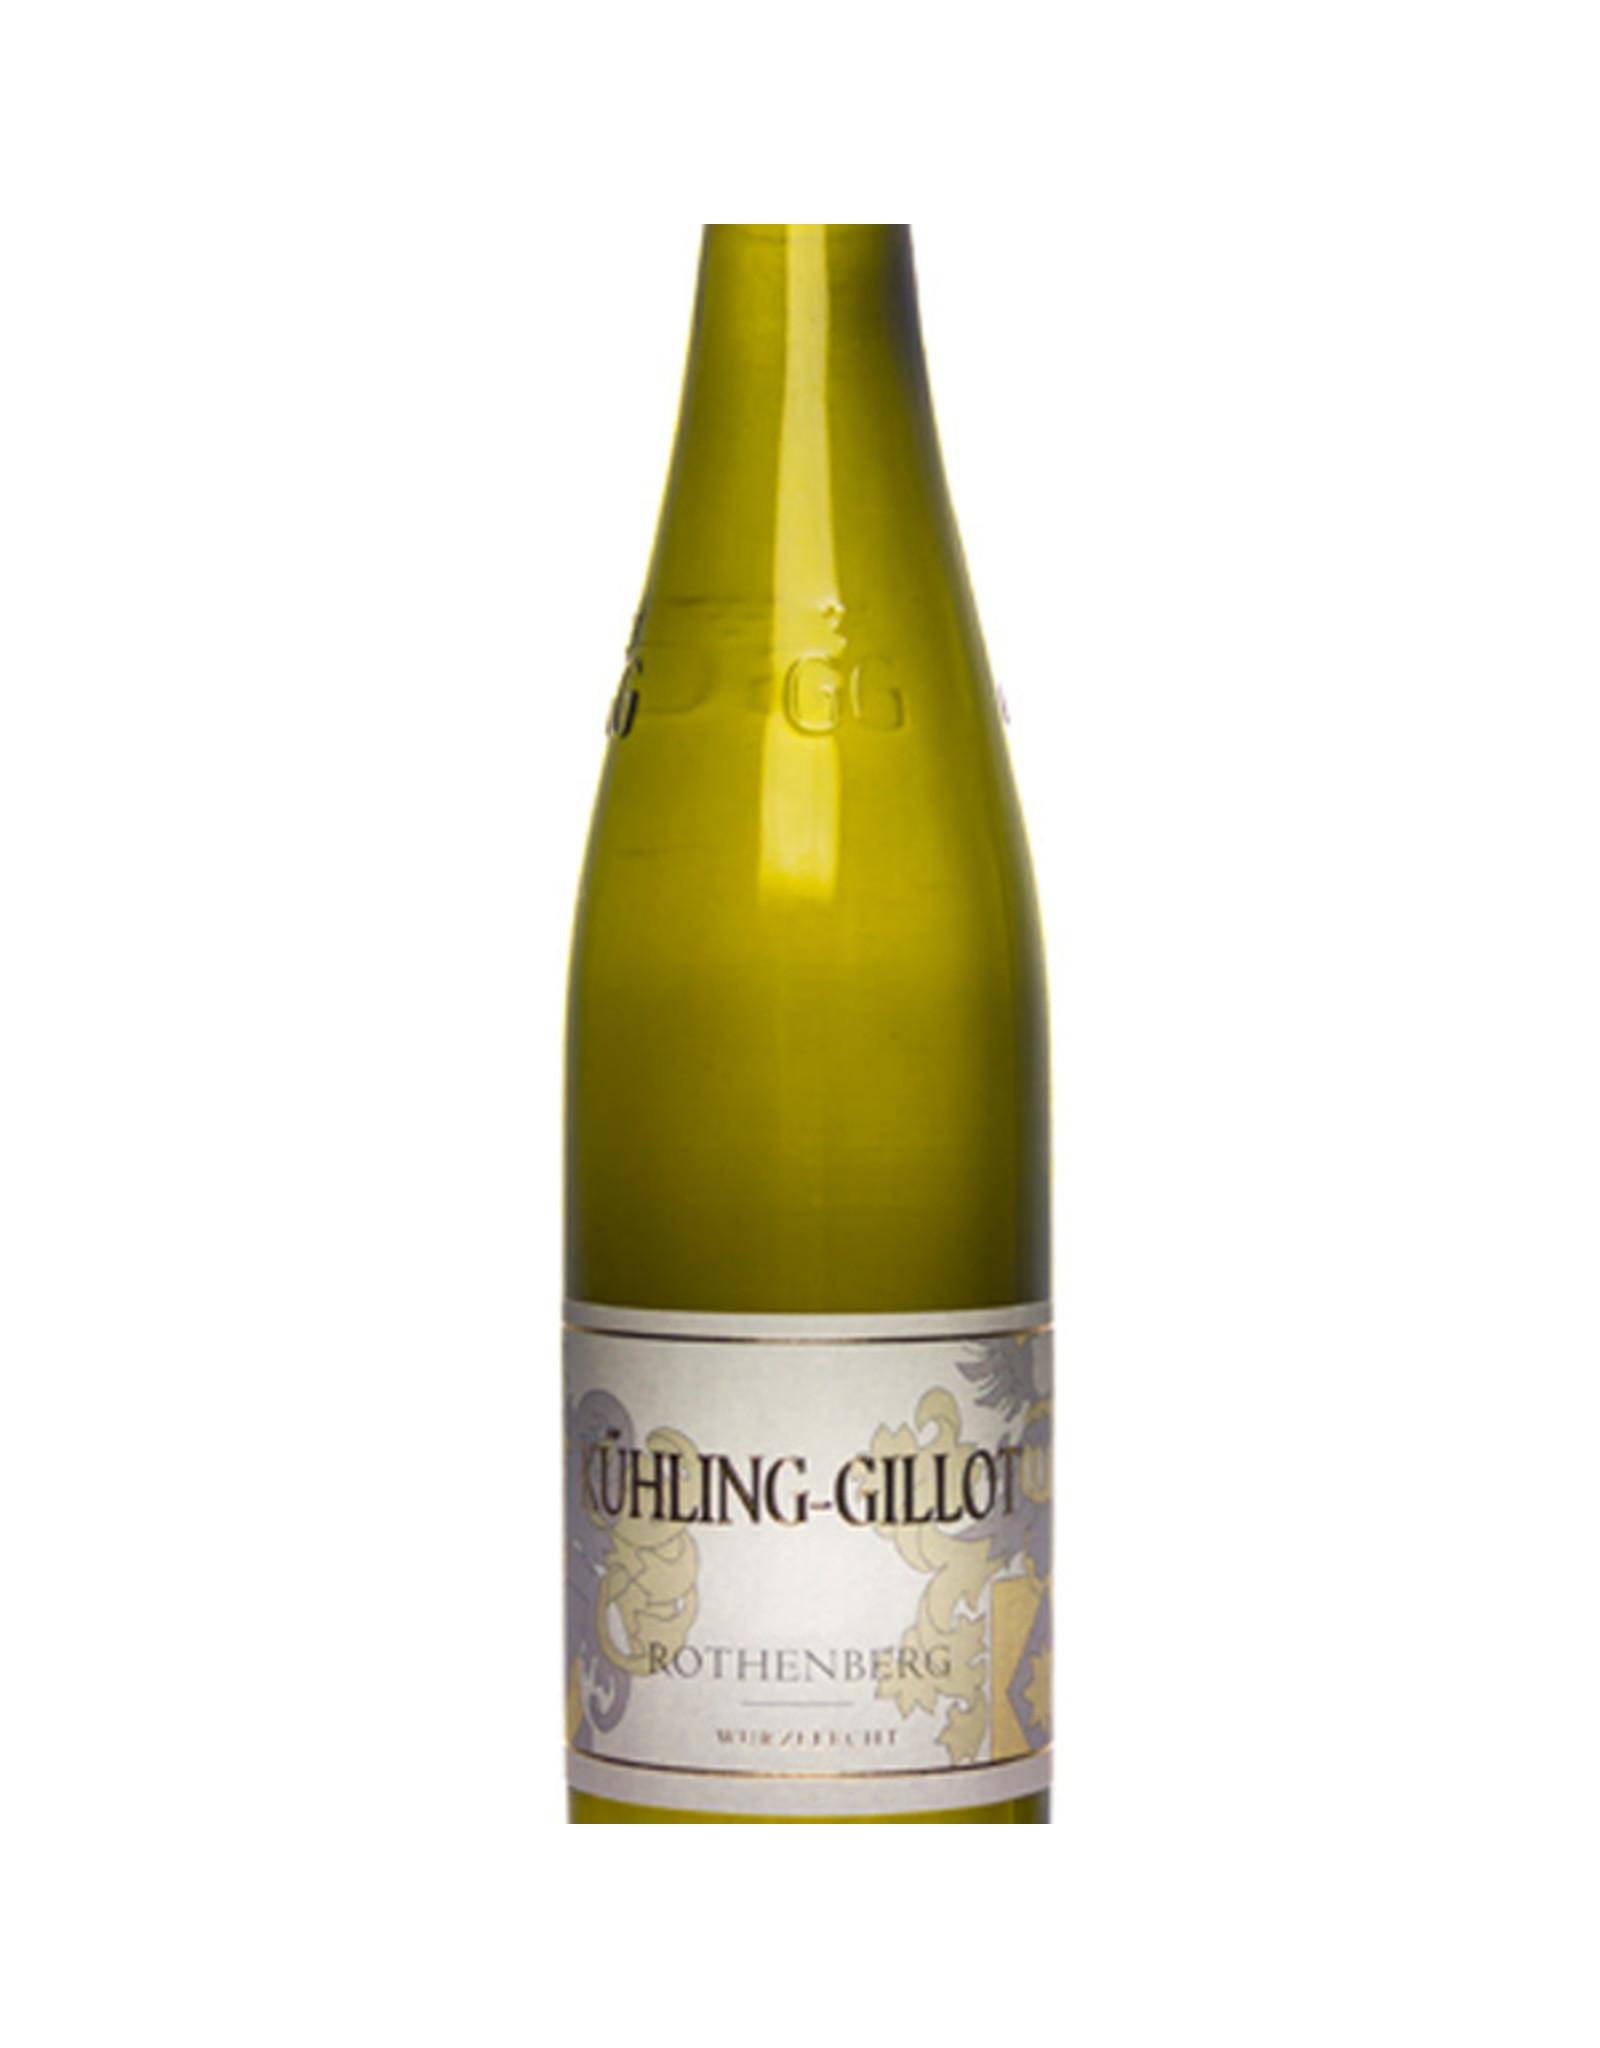 Weingut Kühling-Gillot, Bodenheim Kuhling Gillot Rothenberg GG 2015 Magnum